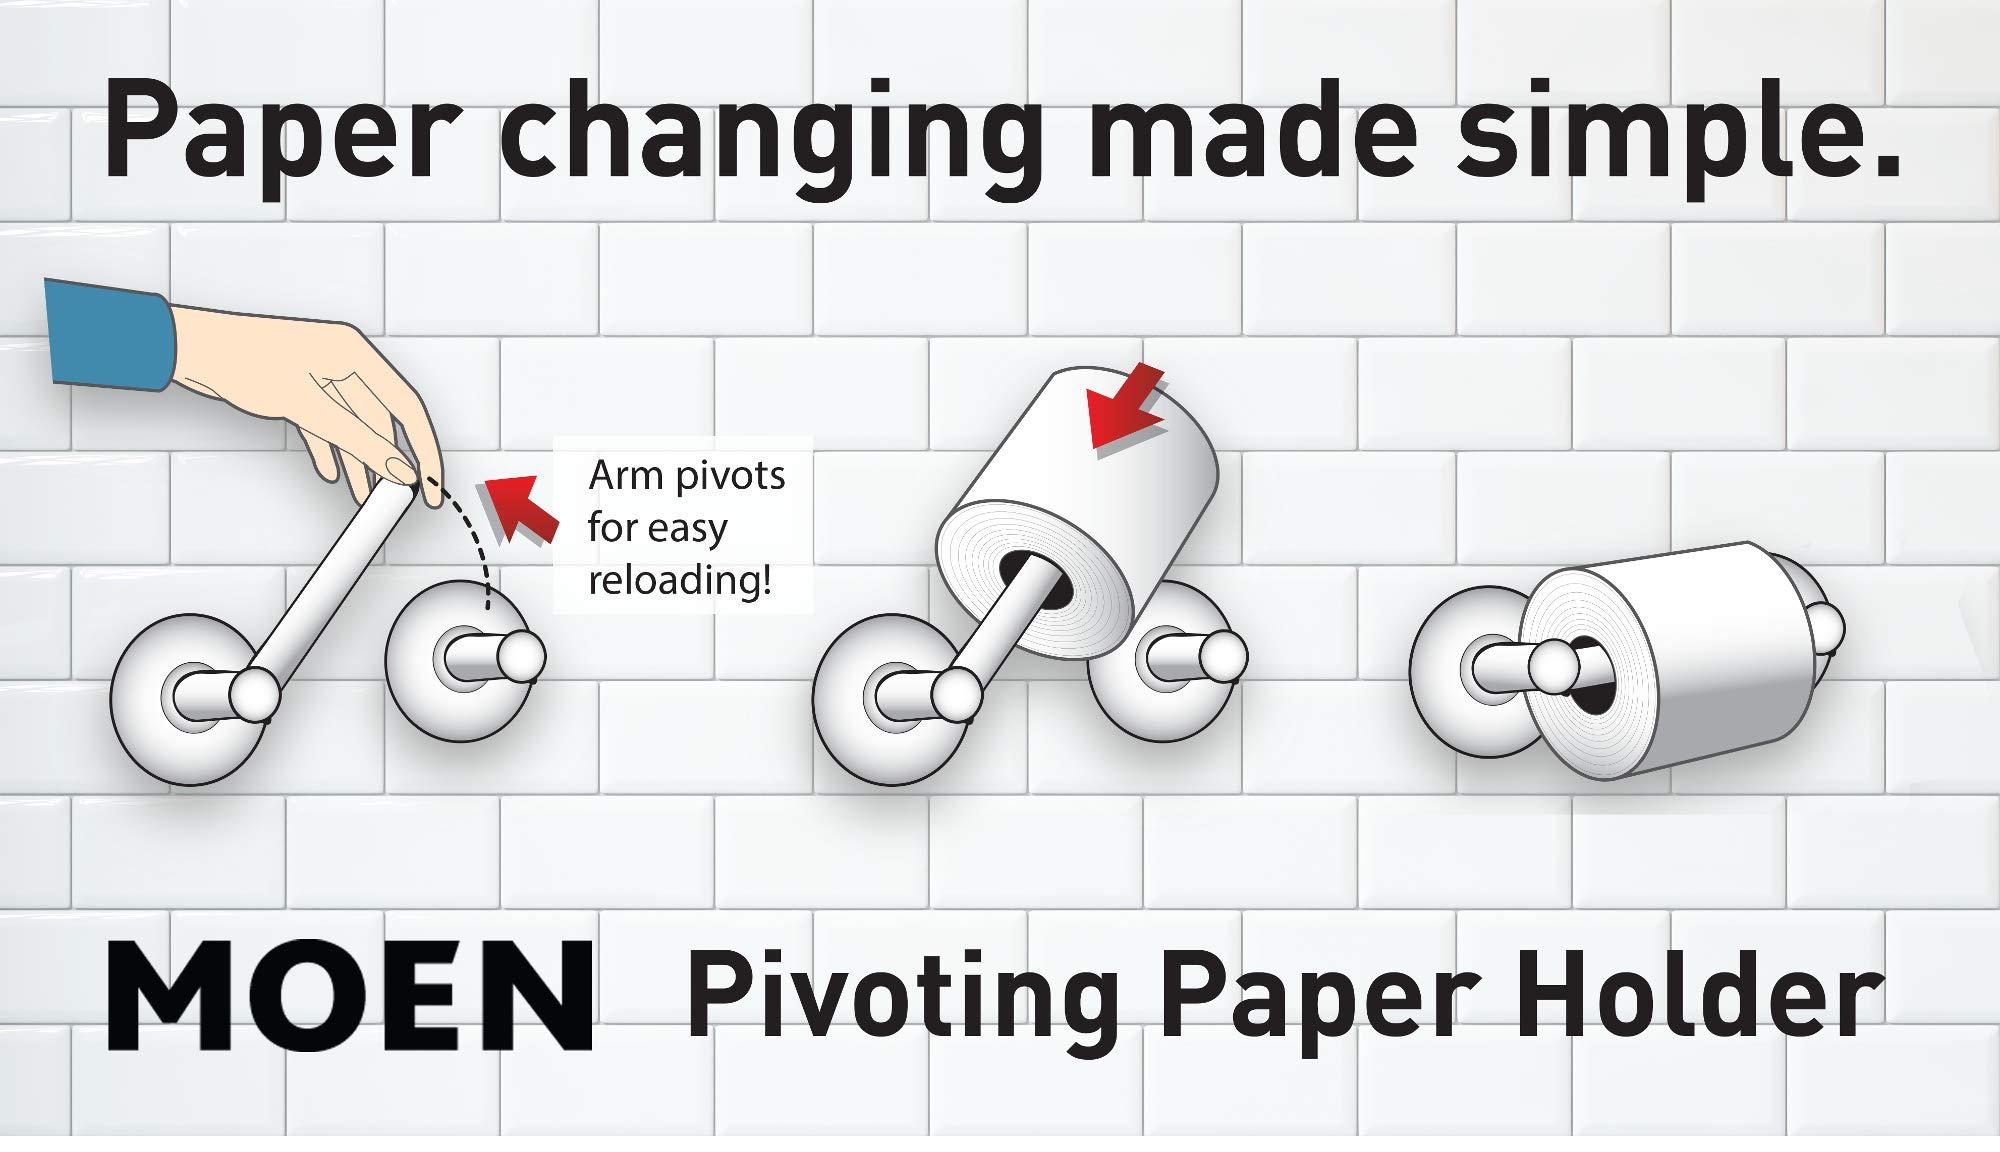 Moen YB2408CH Method Pivoting Paper Holder, Chrome by Moen